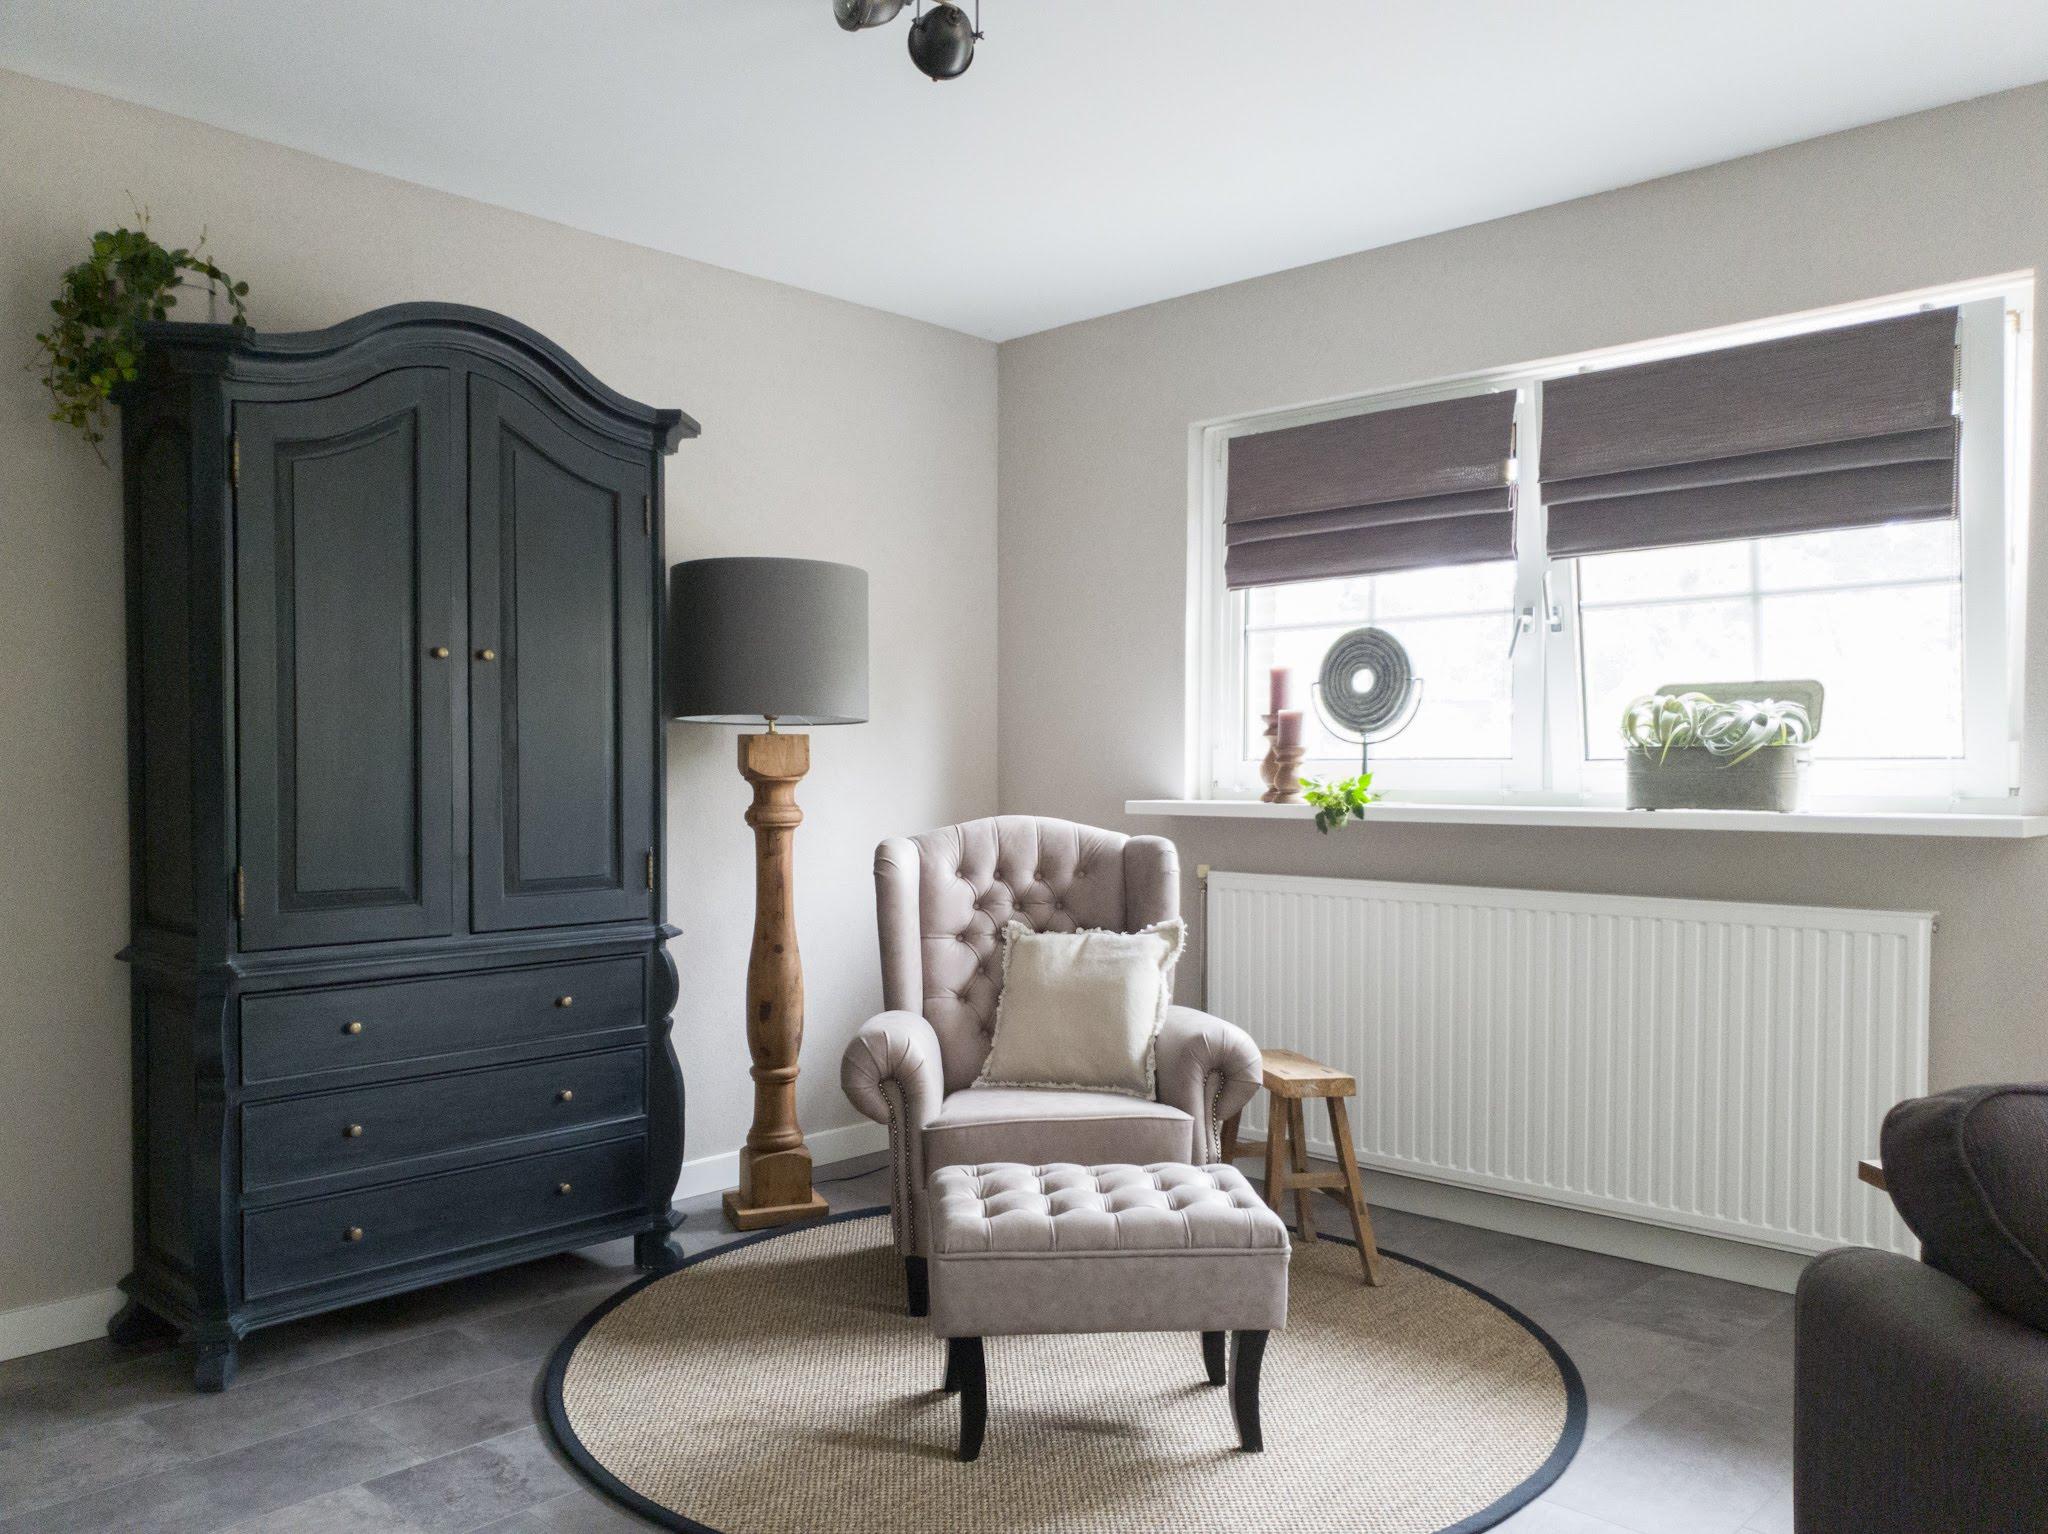 Landelijke herinrichting woonkamer keuken sandra's interieurstyling (7)